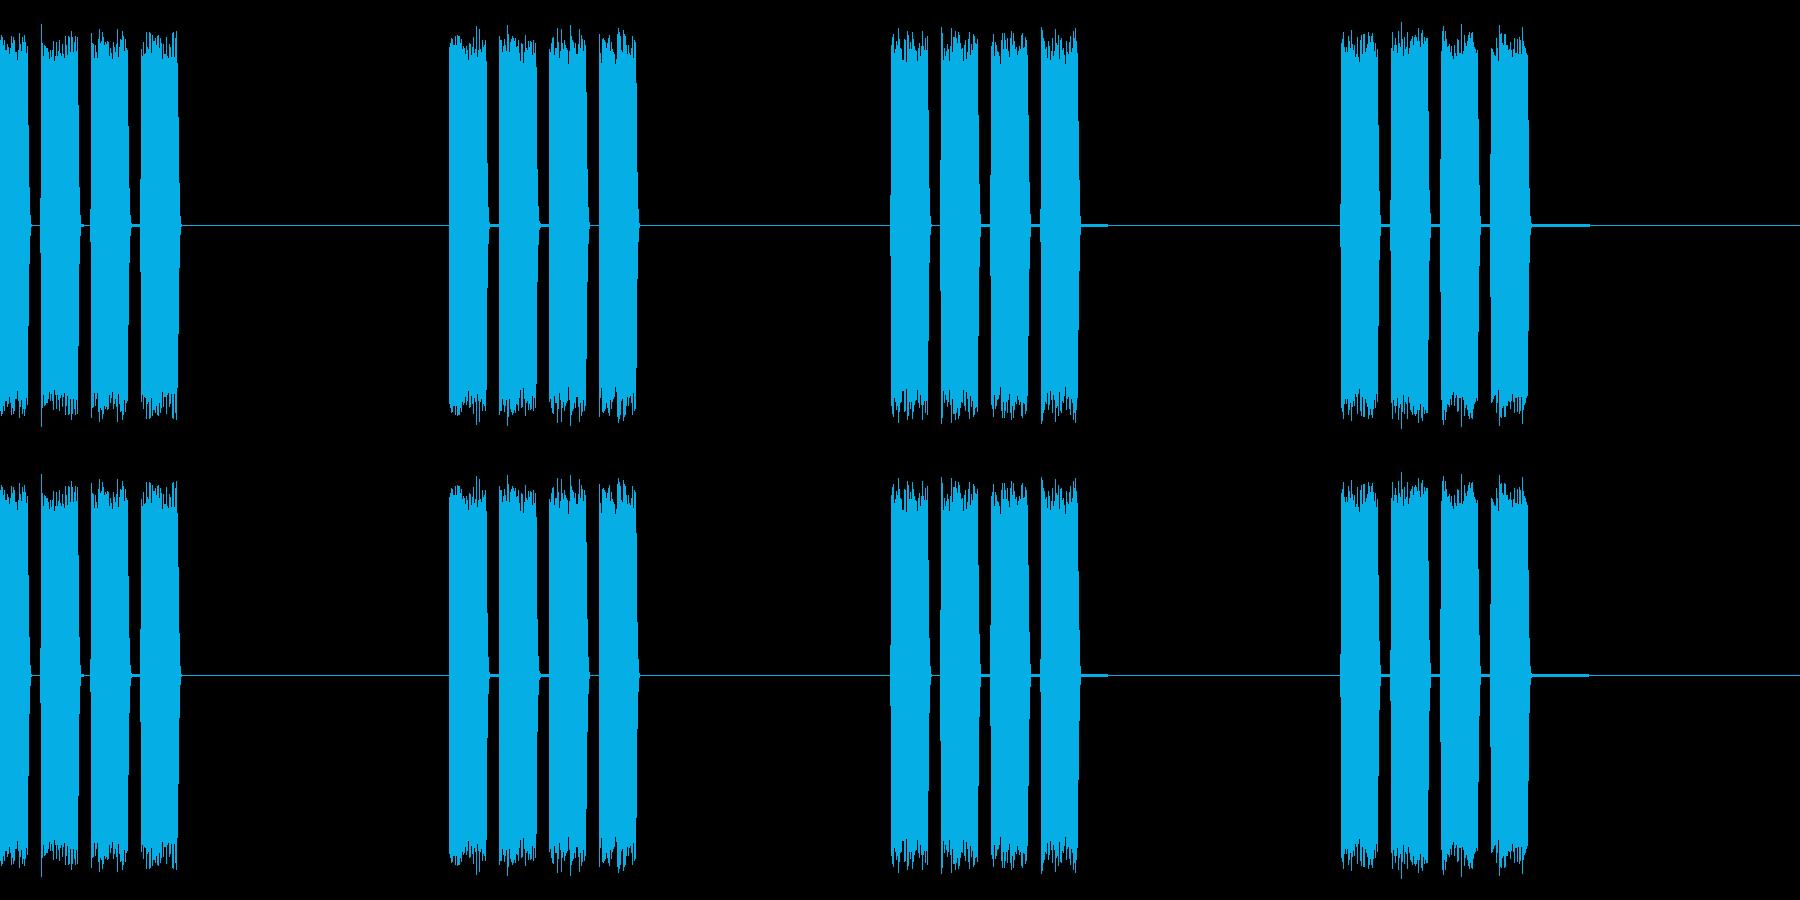 目覚まし/ピピピピッ/アラームの再生済みの波形